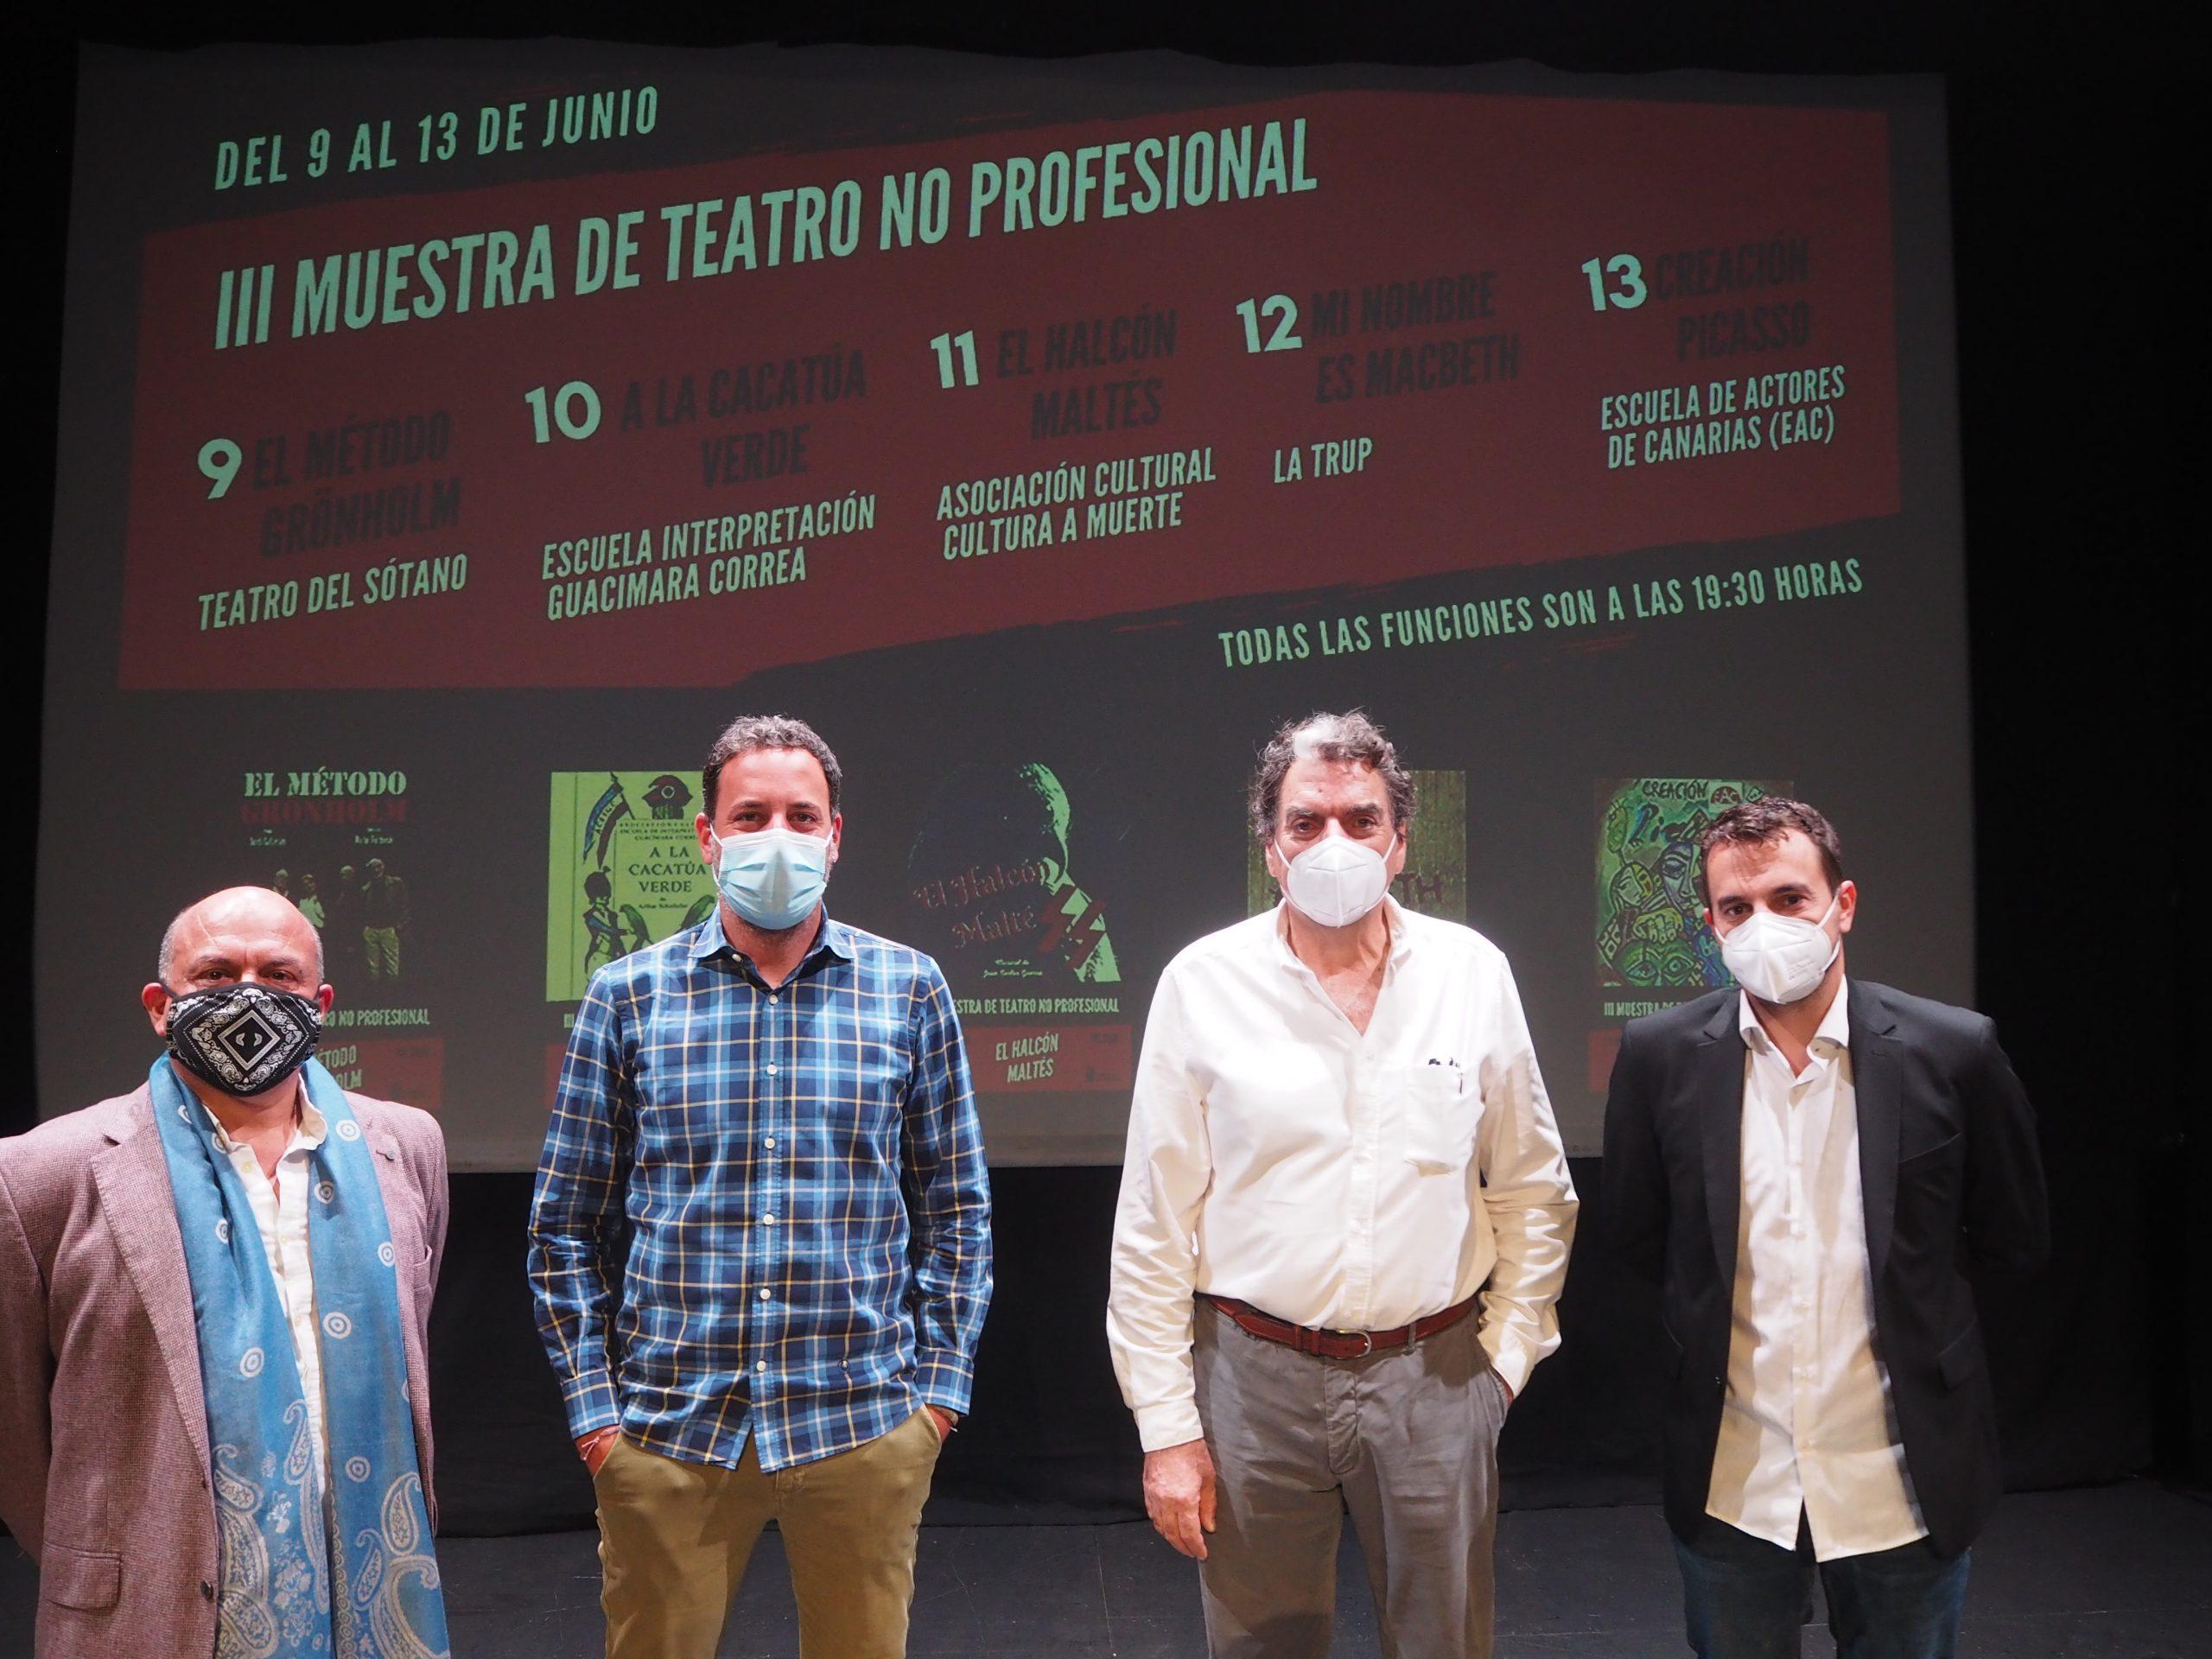 El Teatro Guiniguada presenta la III Muestra de Teatro No Profesional de Canarias